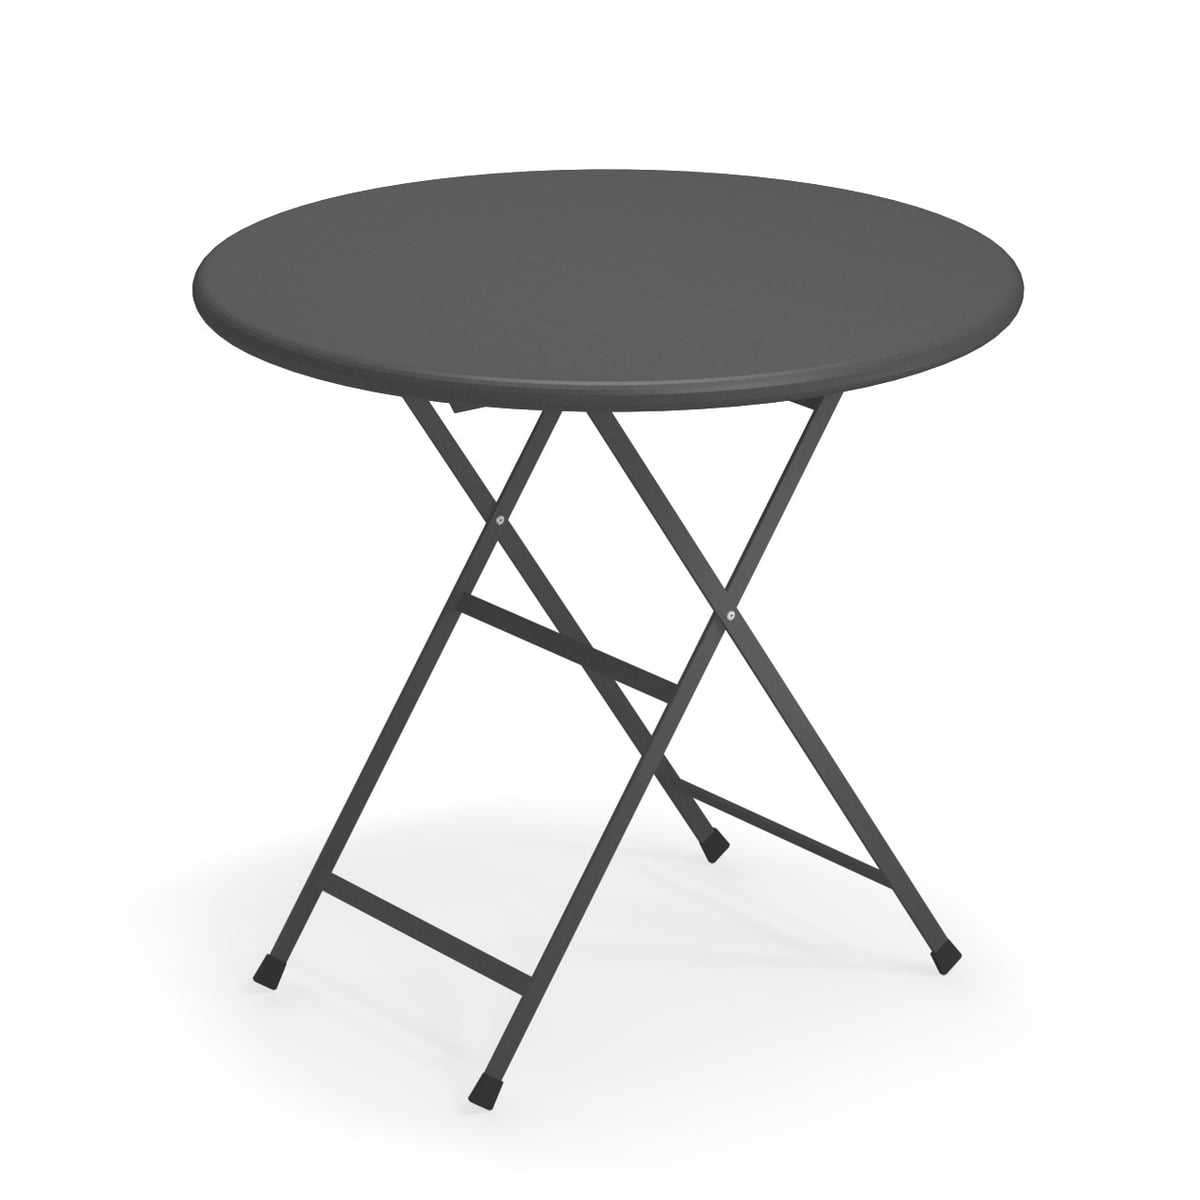 Emu - Table pliante arc en ciel, ø 80 x h 74 cm, fer antique